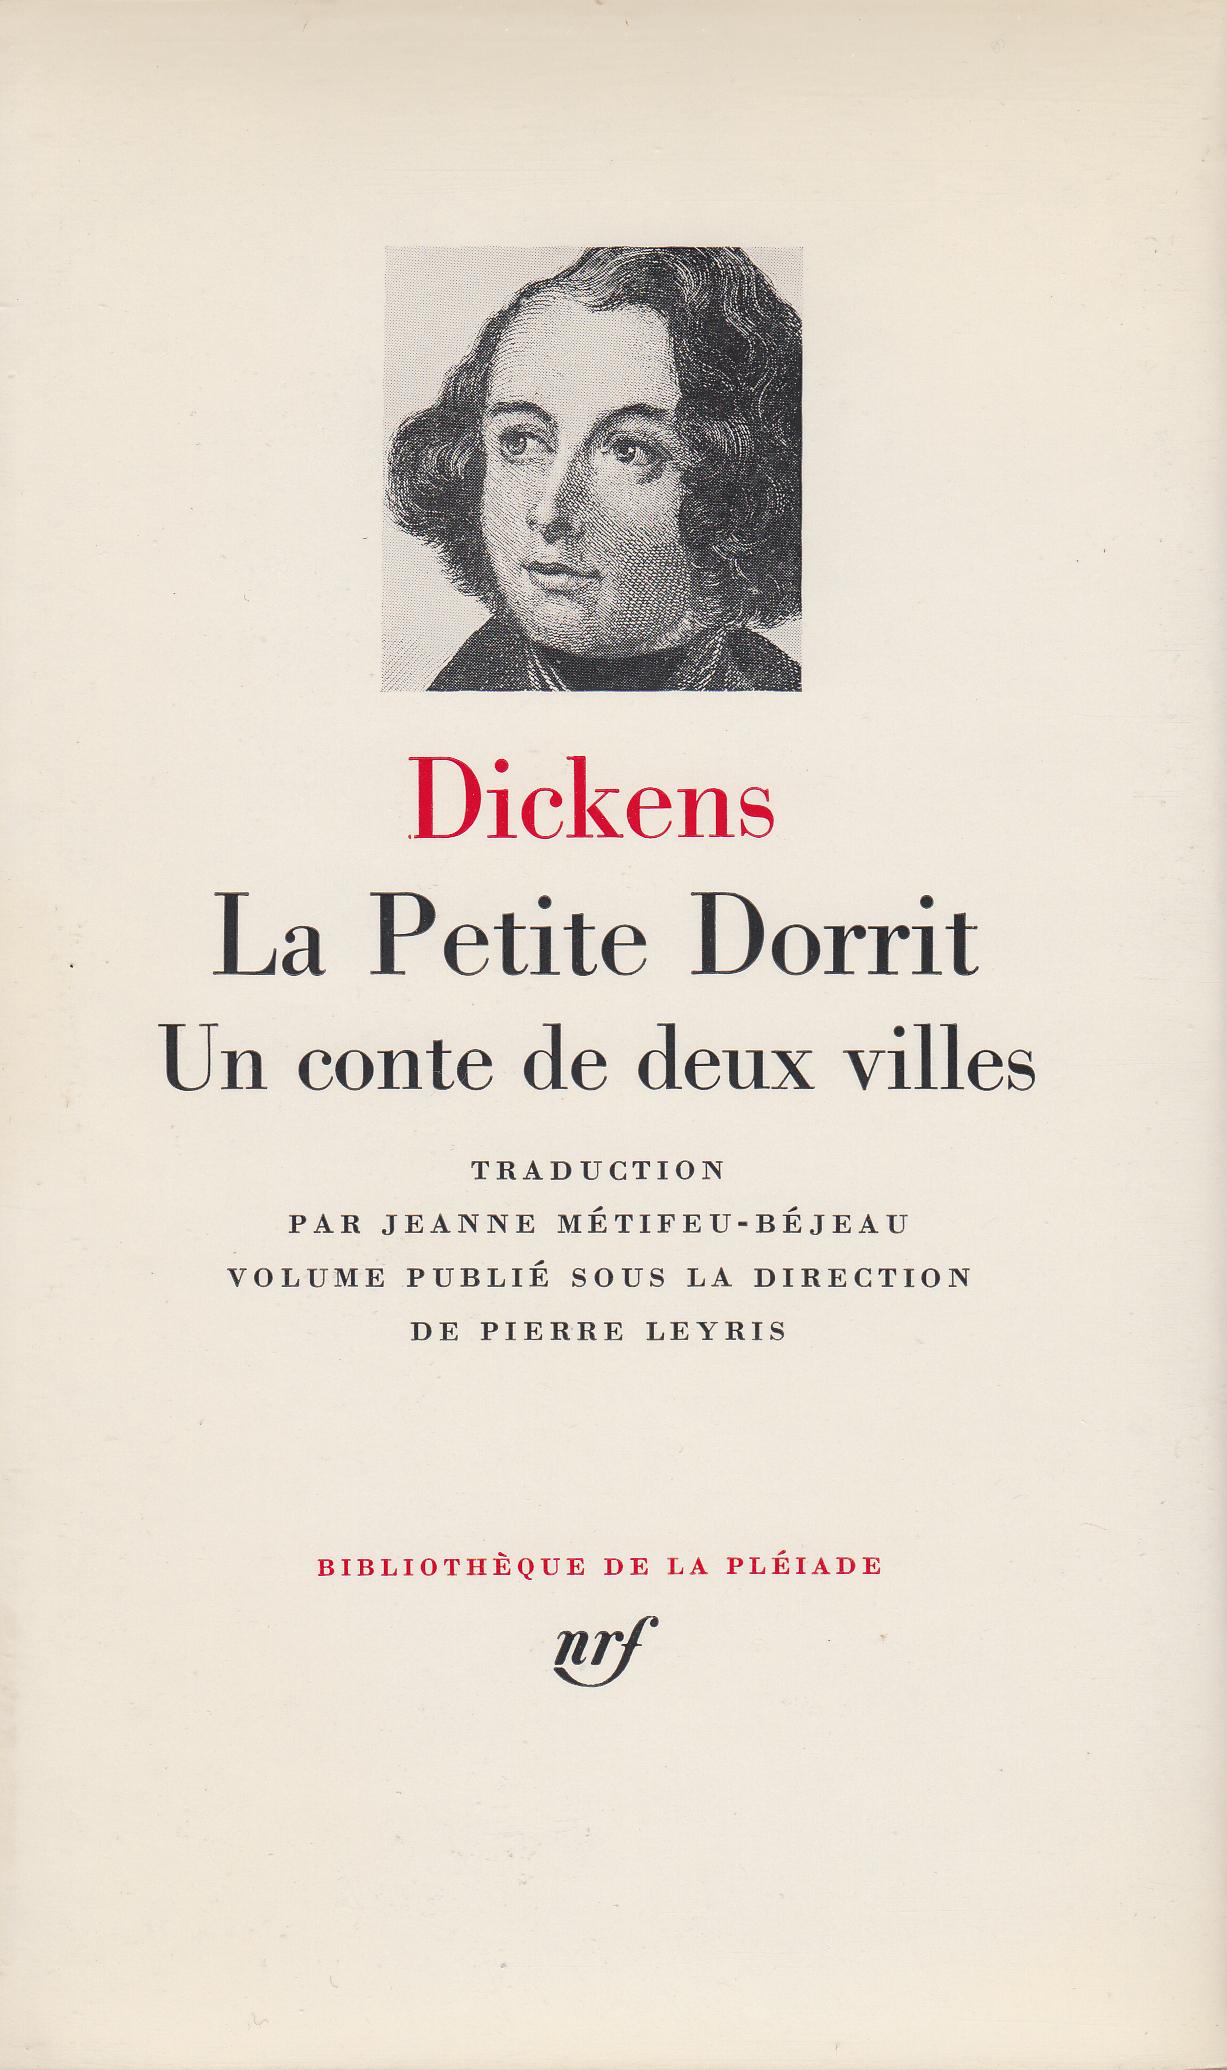 La Petite Dorrit - Un Conte de deux villes